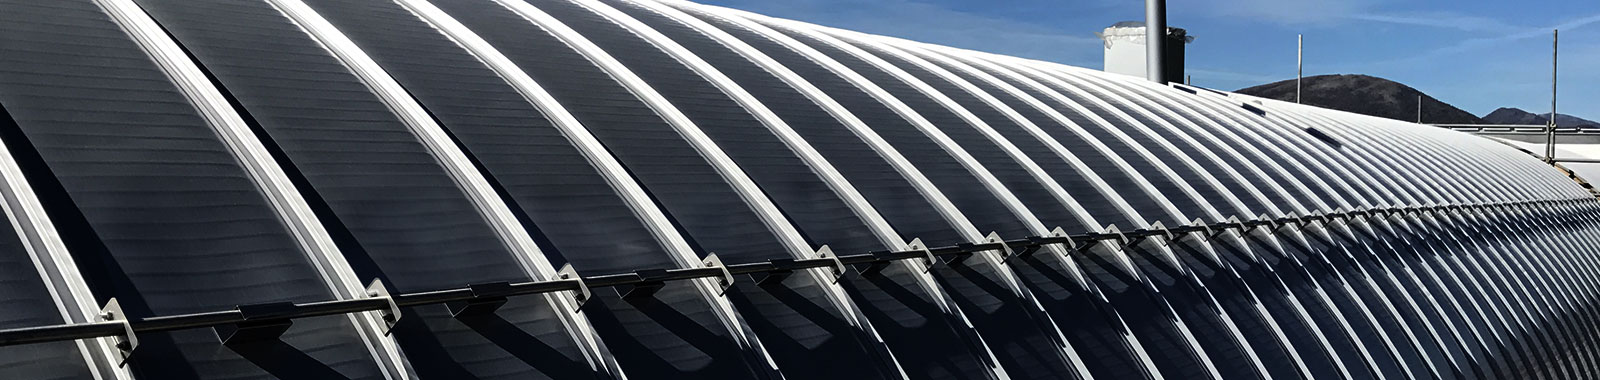 tetto curvo metallico elysium